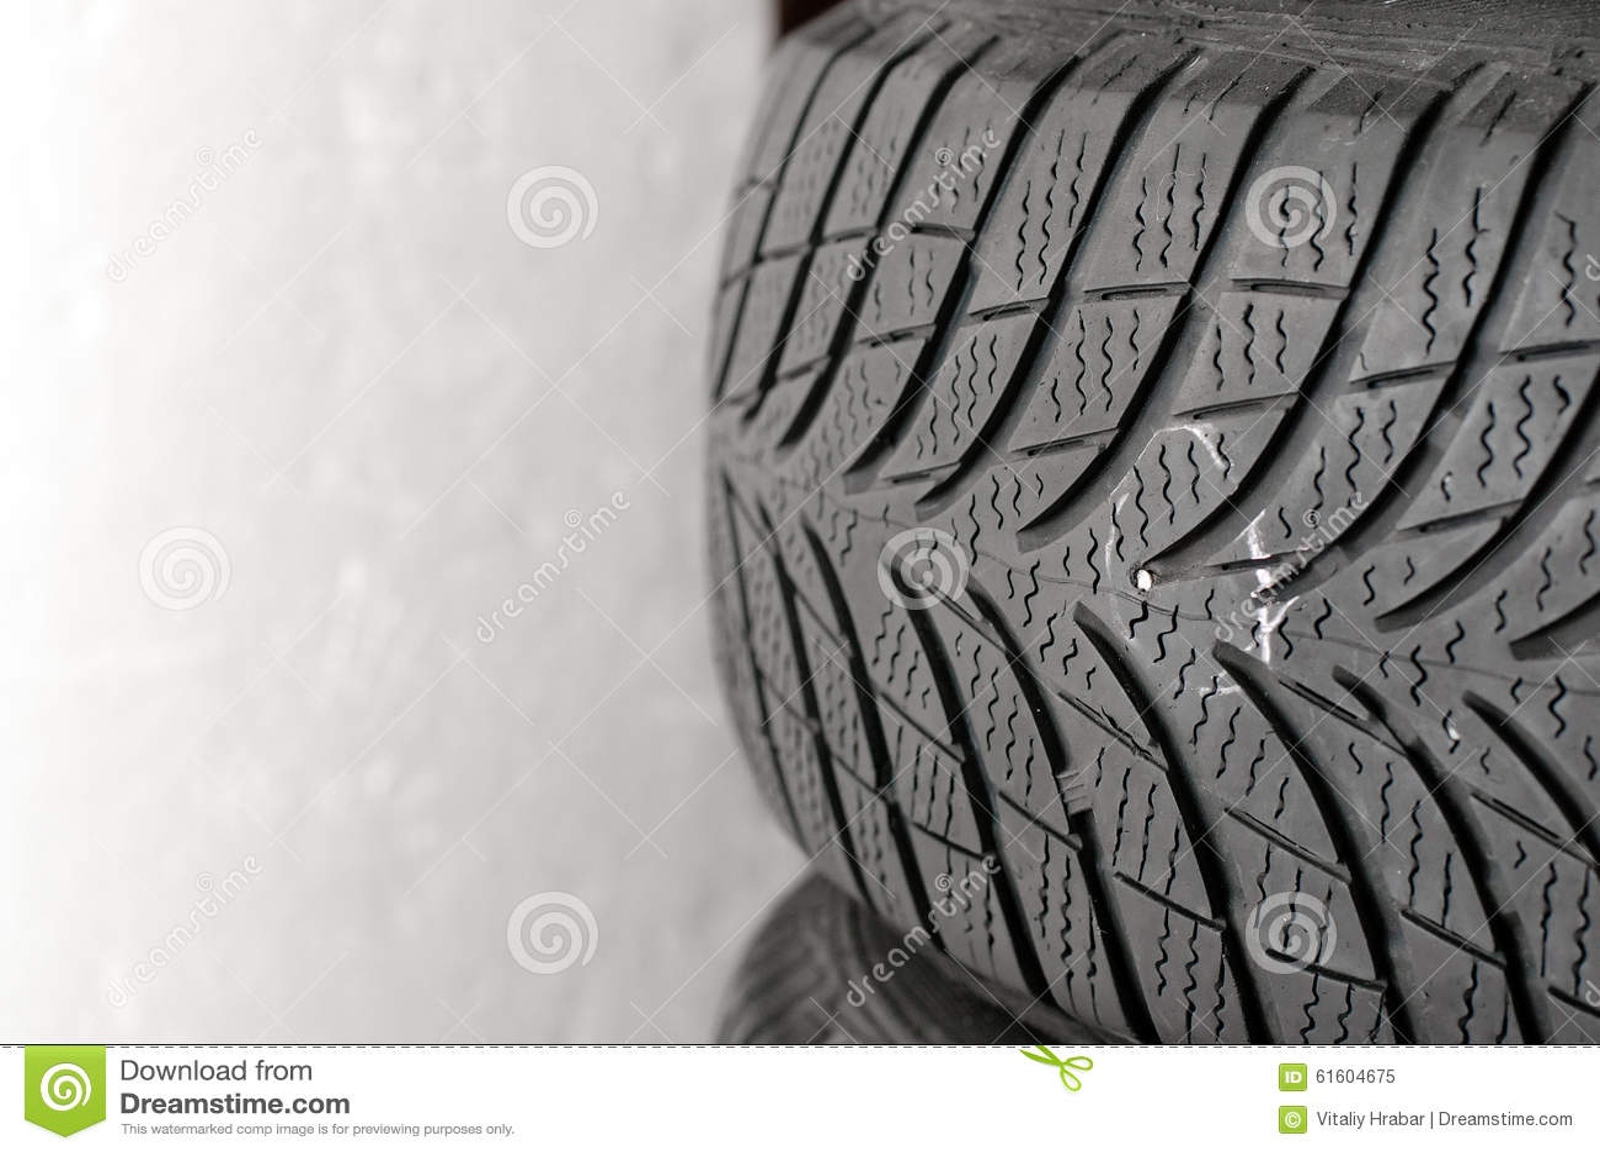 Nail In Tire Repair >> Nail In Tyre Stock Image Image Of Transport Repair 61604675